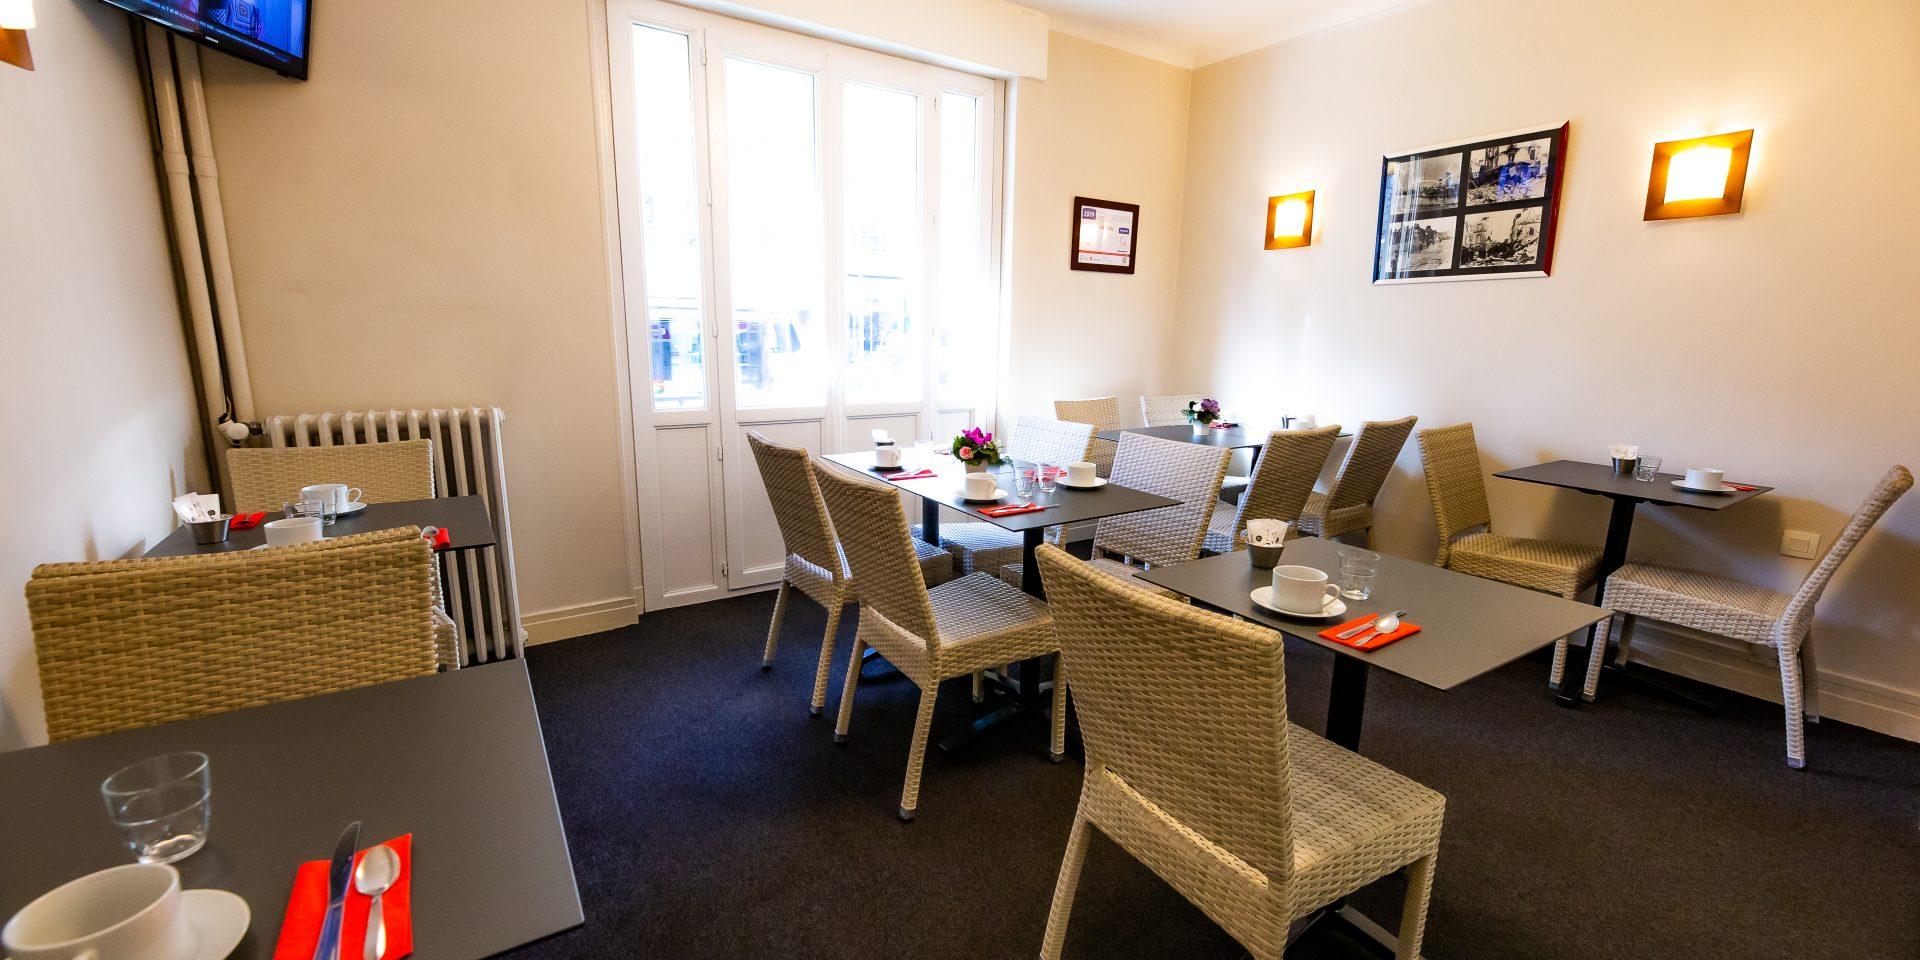 Nous disposons d'un salon petit déjeuner qui est servi à table avec des tables de un a 6 personnes avec une vue sur l'avenue du 6 Juin.